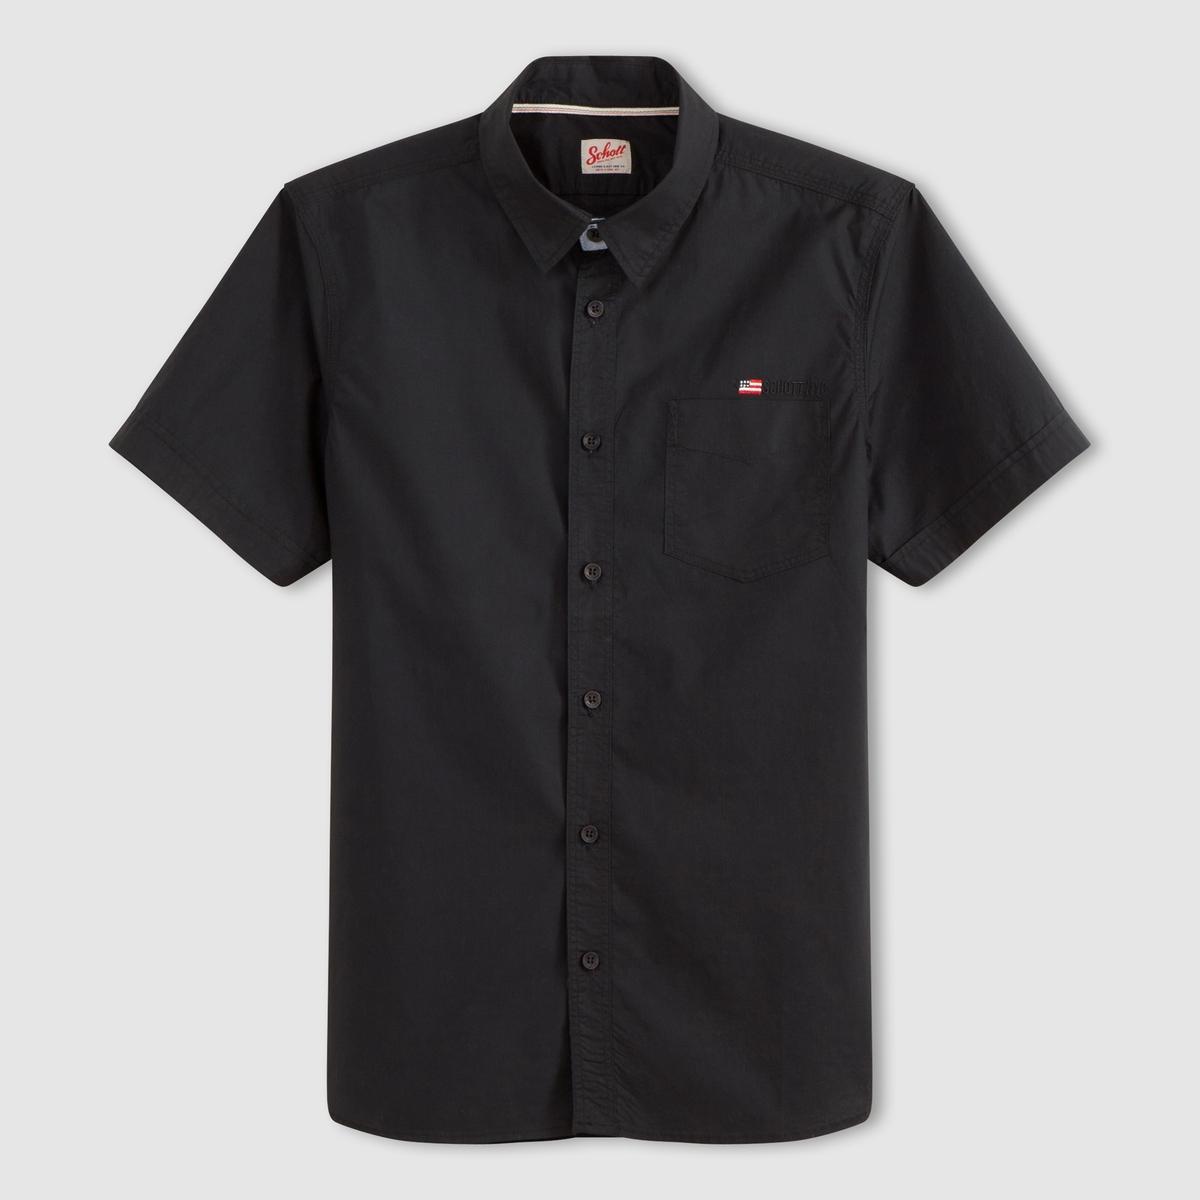 Рубашка с короткими рукавами STAMFORDРубашка с короткими рукавами STAMFORD - SCHOTT. Прямой покрой, классический воротник, застежка на пуговицы.  1 нагрудный карман. Низ рукавов с застежкой на пуговицы. Логотип нашит на кармане.Состав и описание :Материал : 100% хлопкаМарка : SCHOTT<br><br>Цвет: черный<br>Размер: M